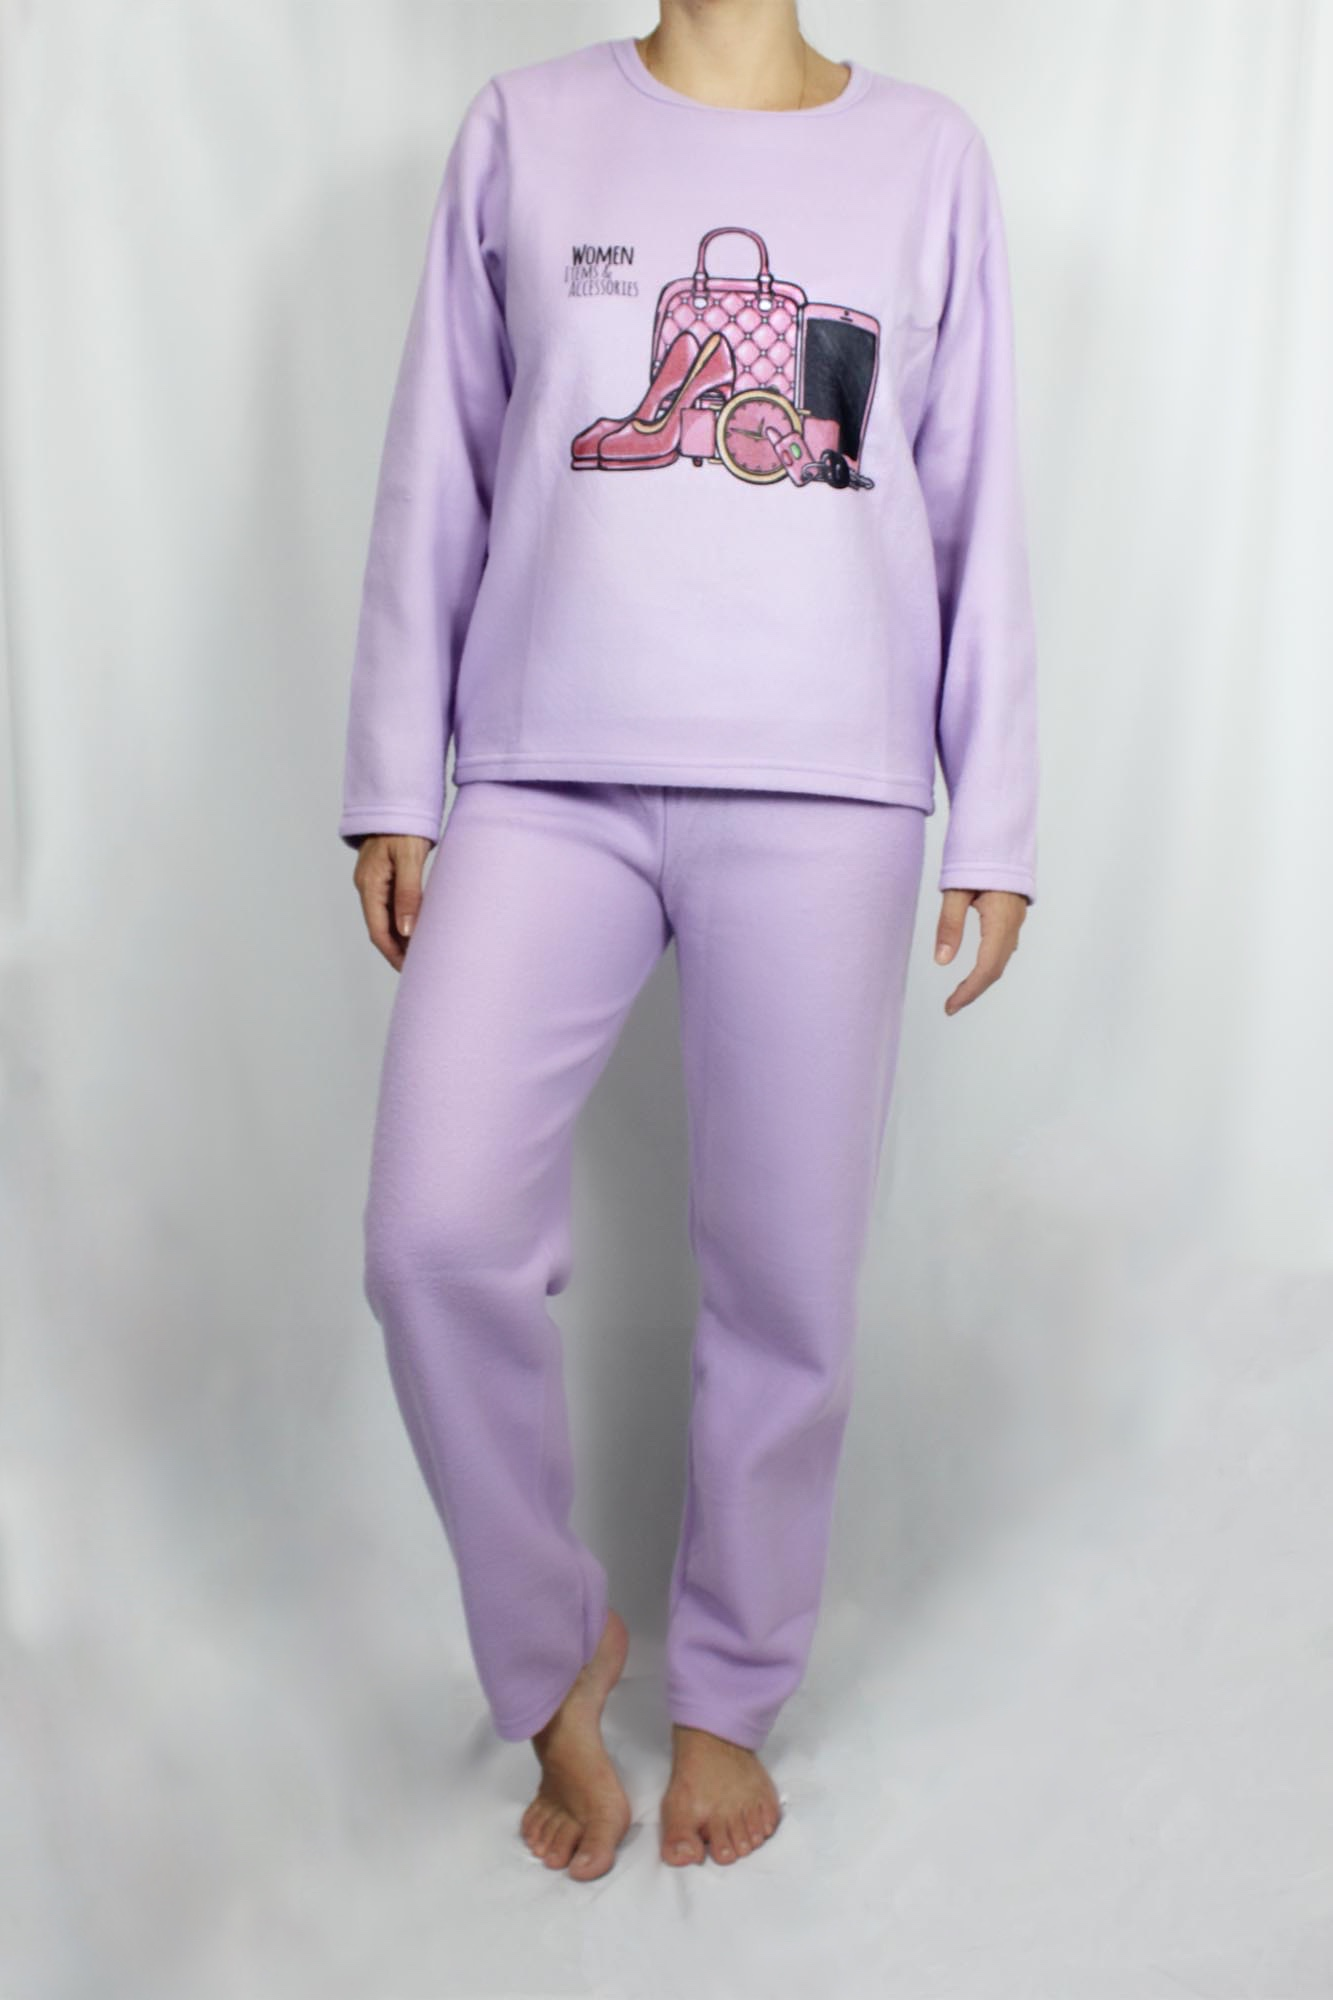 Pijama de Soft Feminino - Tamanho G1